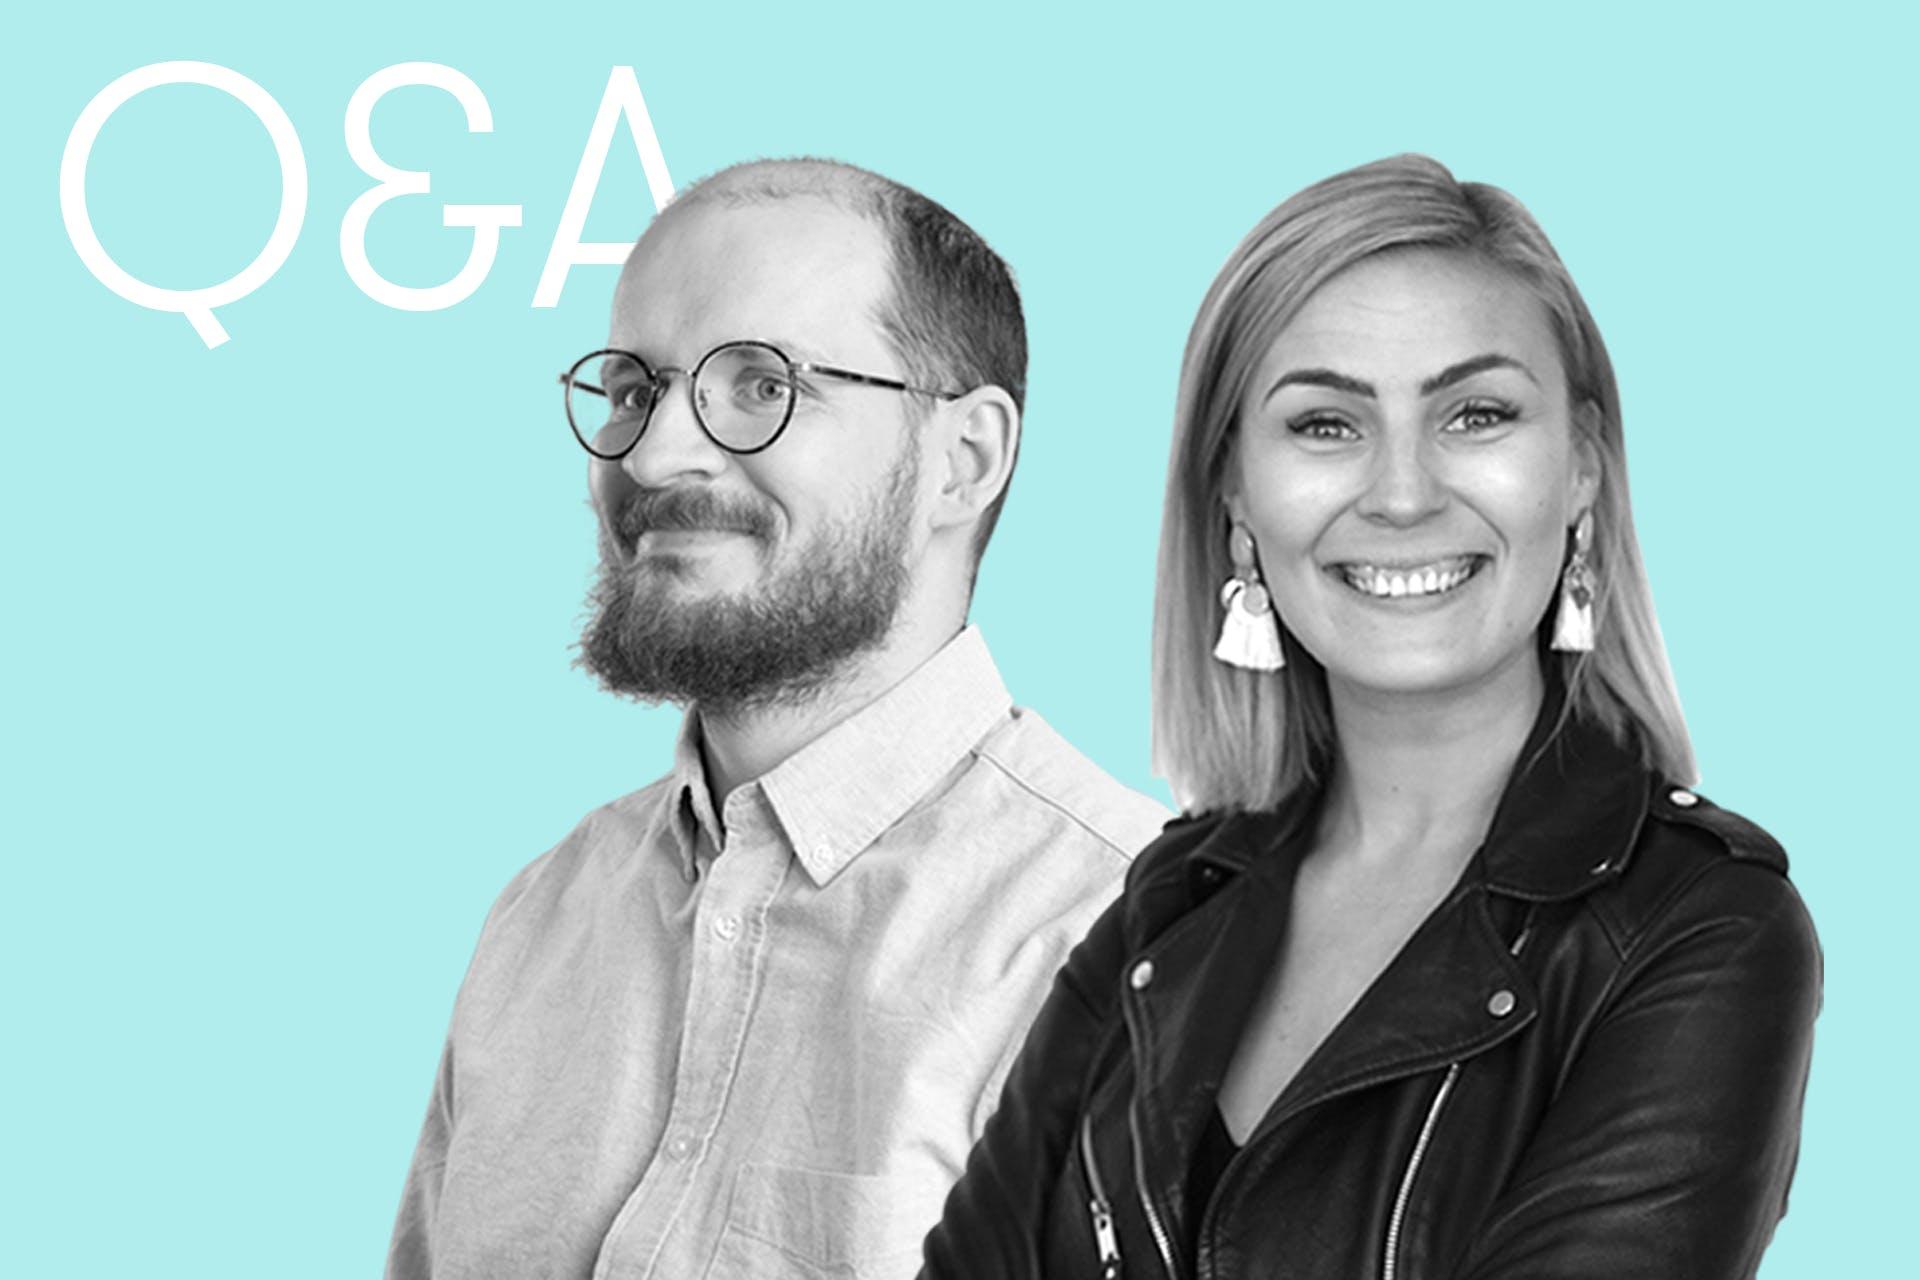 Sosiaalinen media vuonna 2021 -webinaarin puhujat Mikko Rummukainen ja Senni Niemi